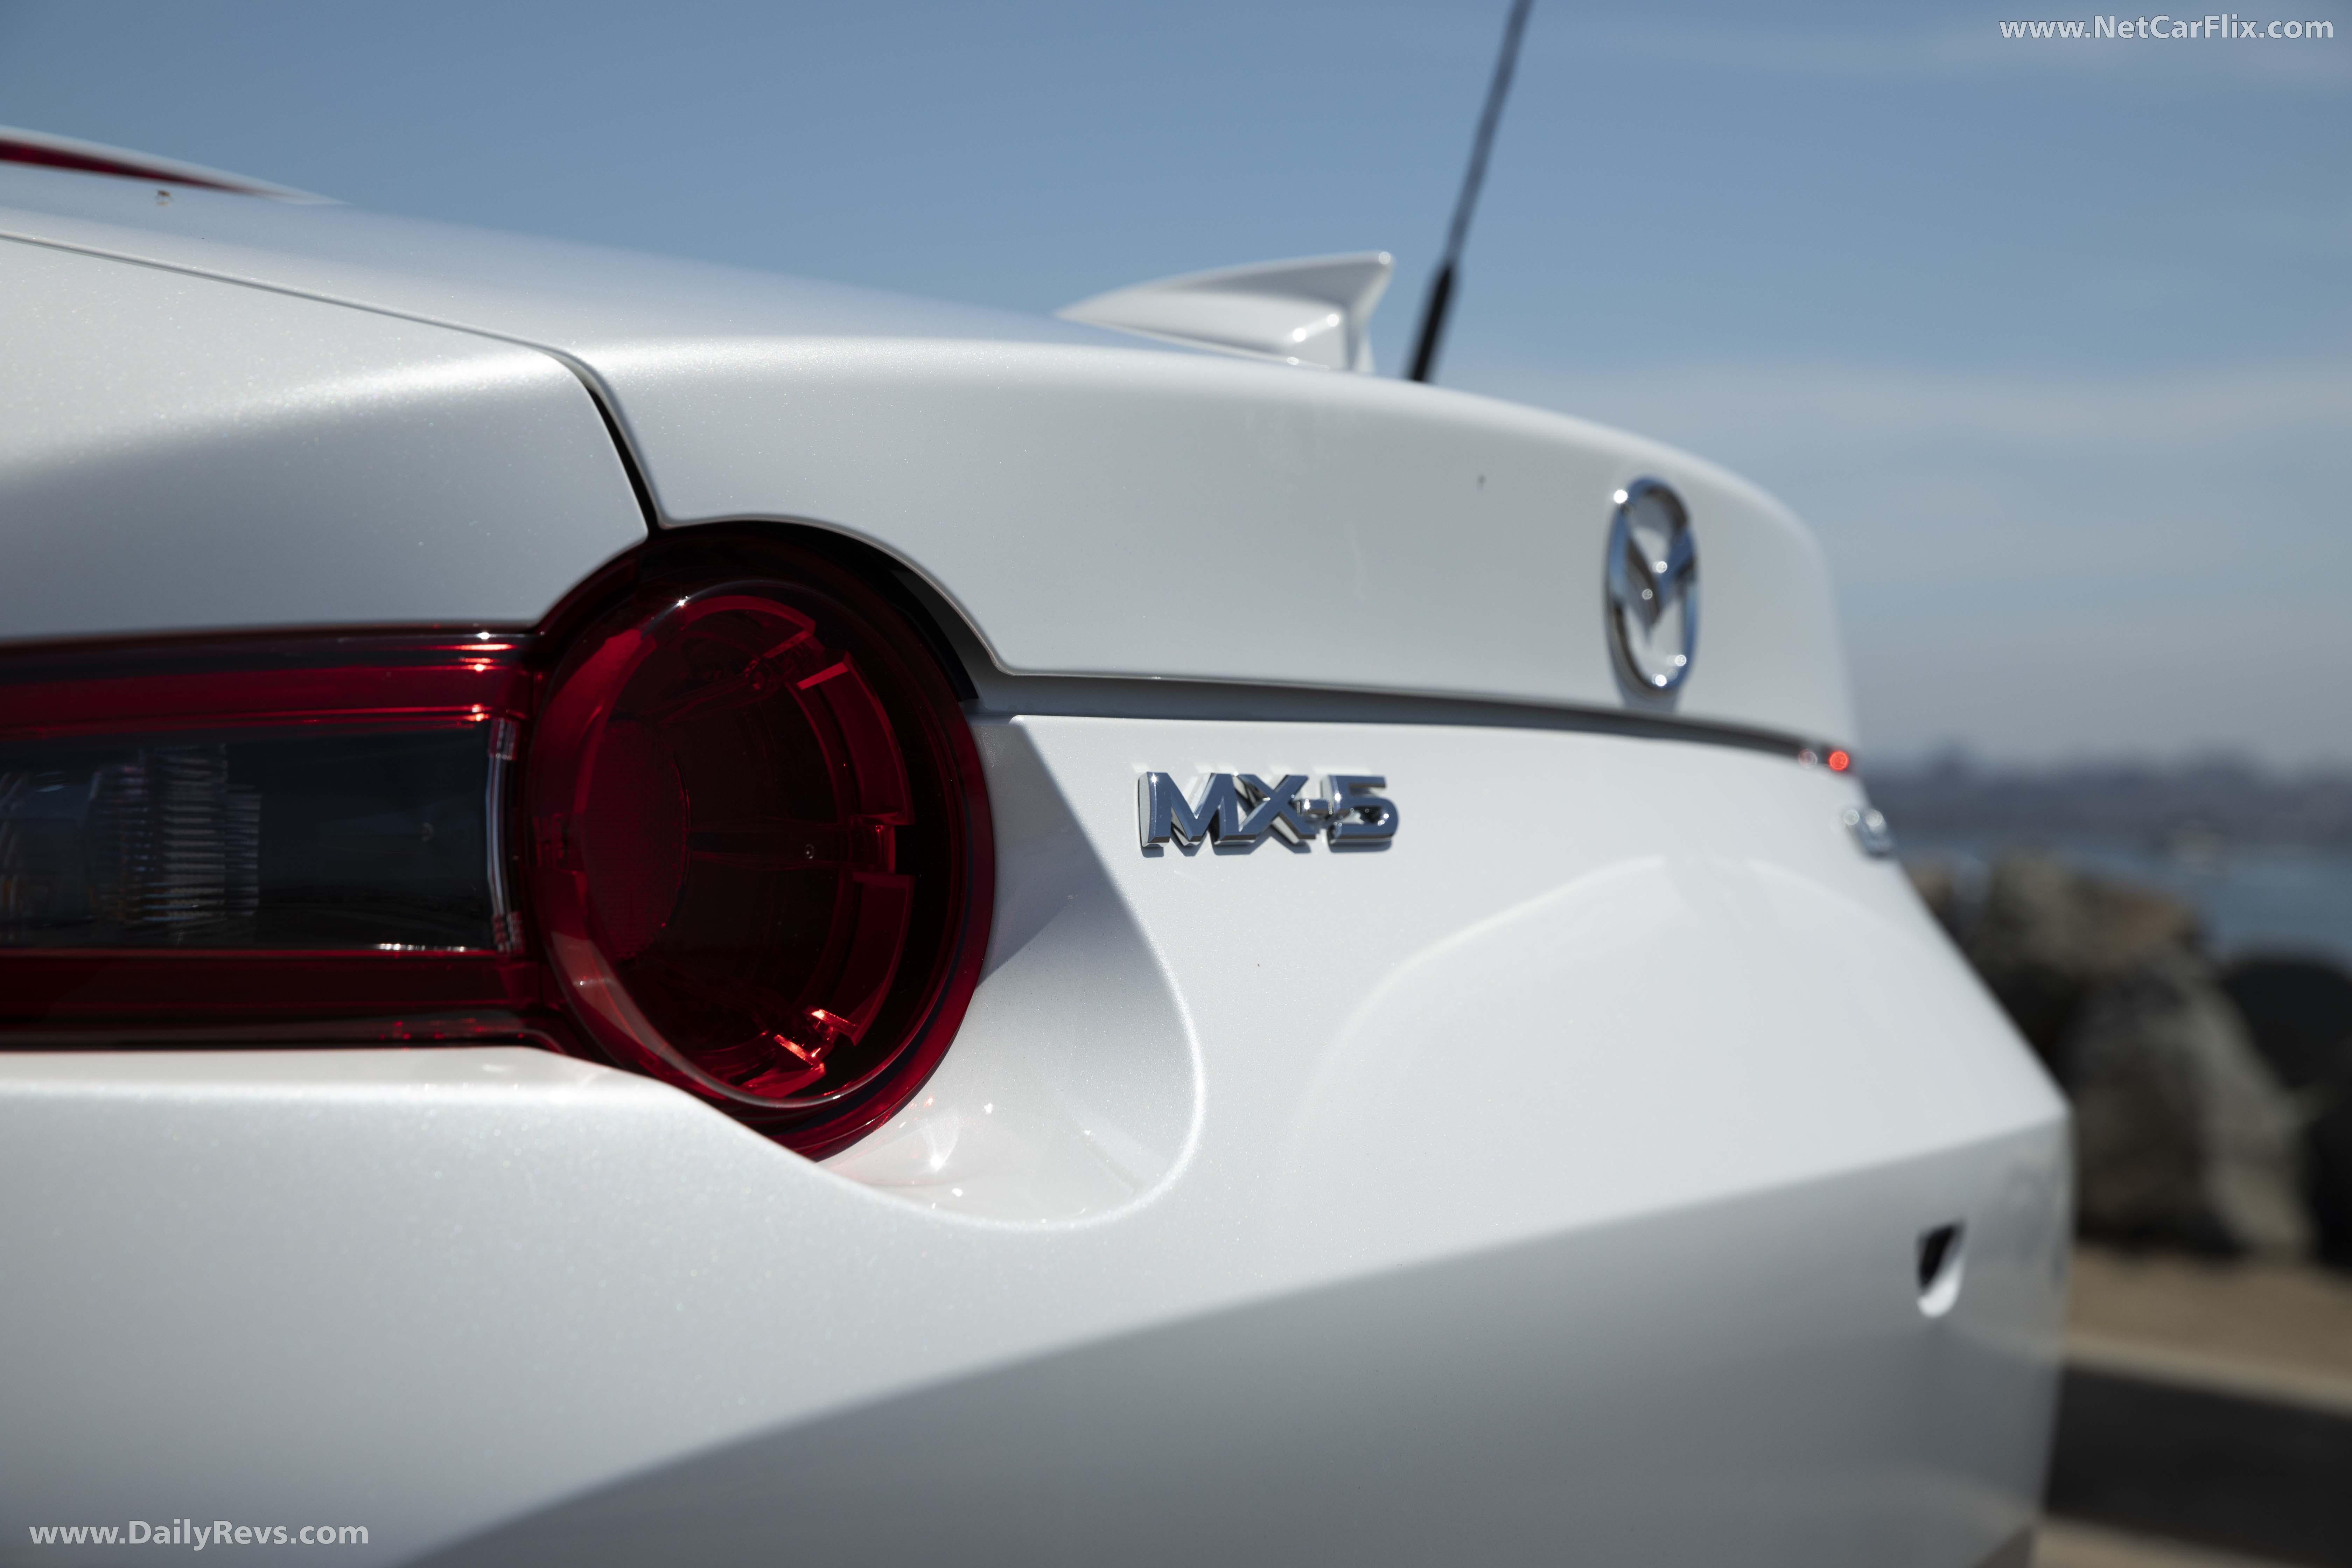 2019 Mazda MX‑5 full